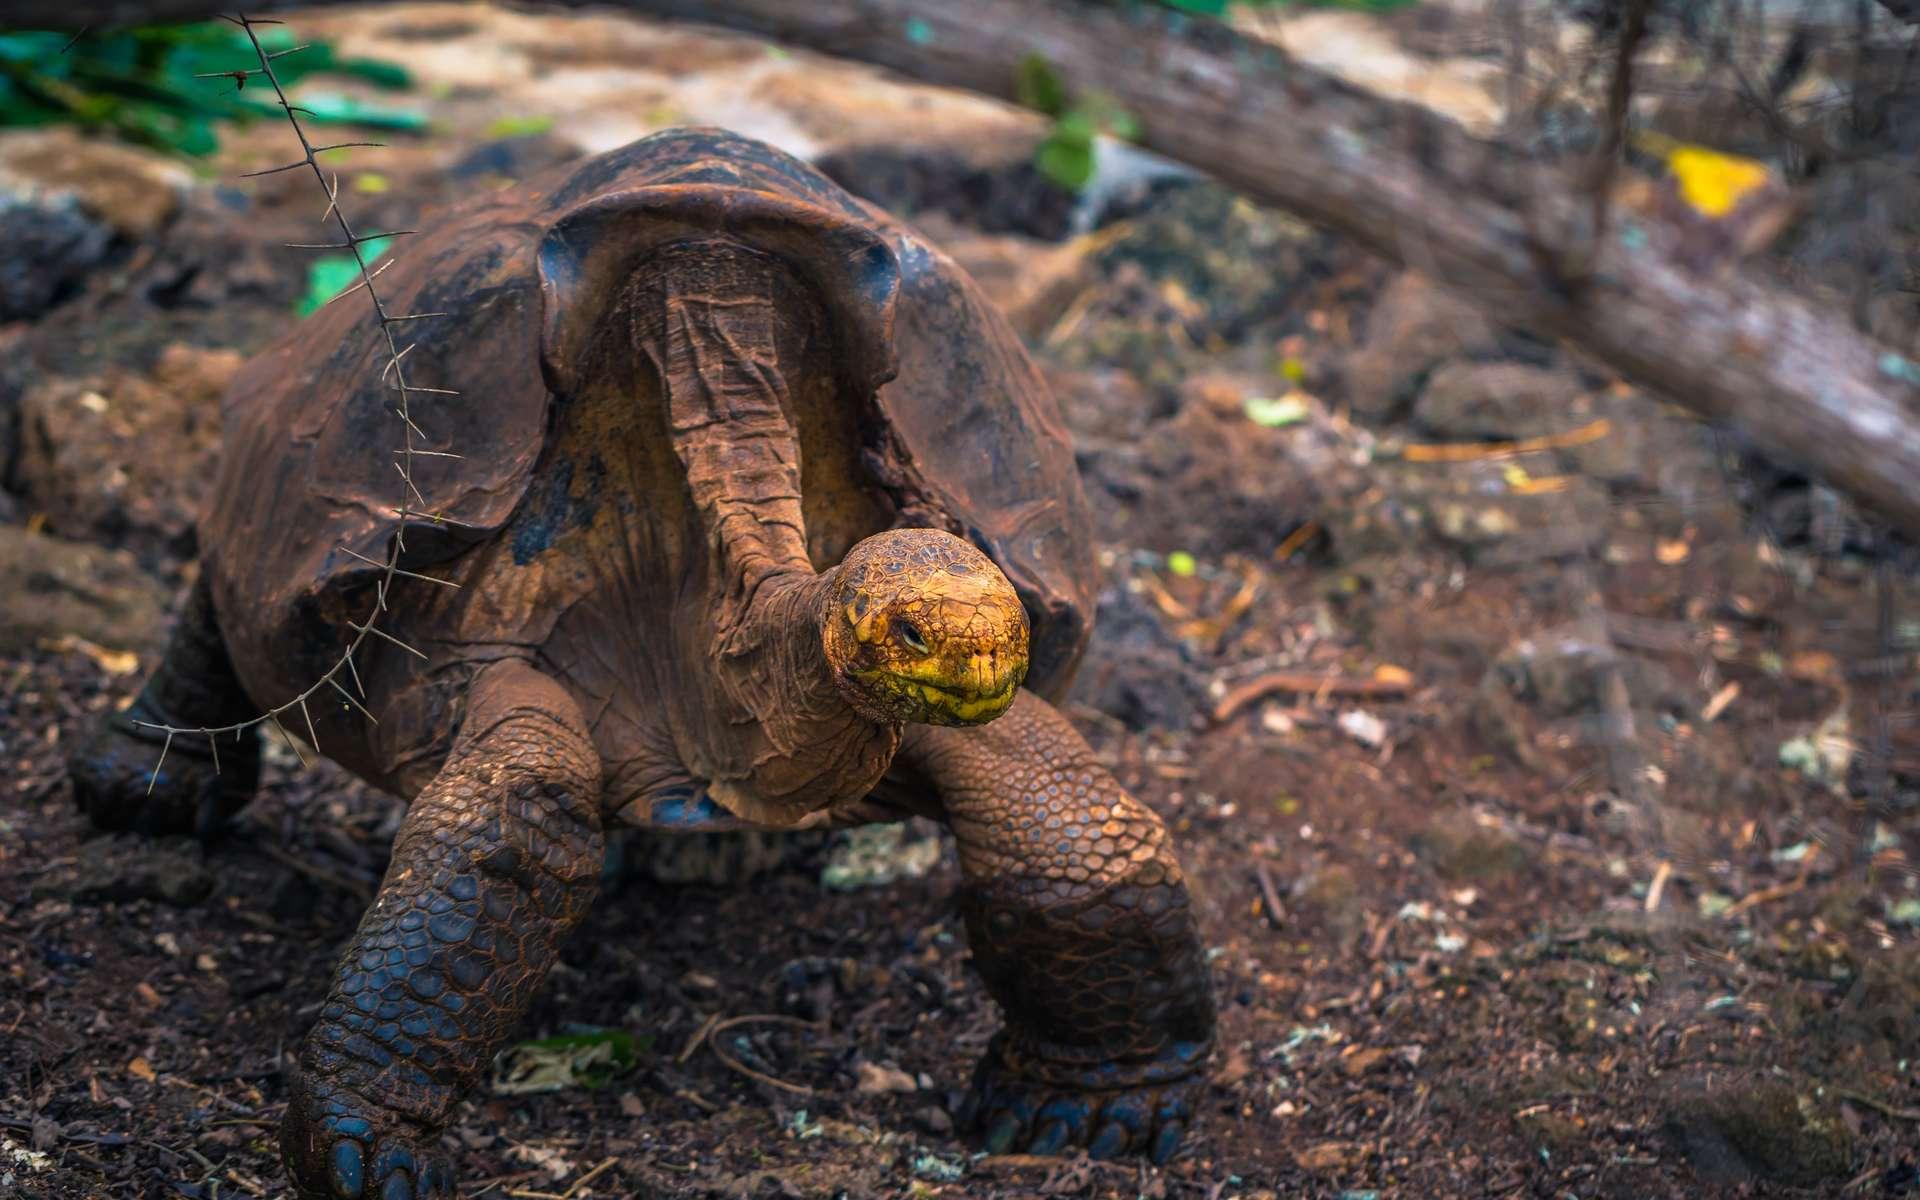 Grâce à Super Diego, une tortue géante des Galápagos, son espèce n'est plus en voie d'extinction. © rpbmedia, Adobe Stock